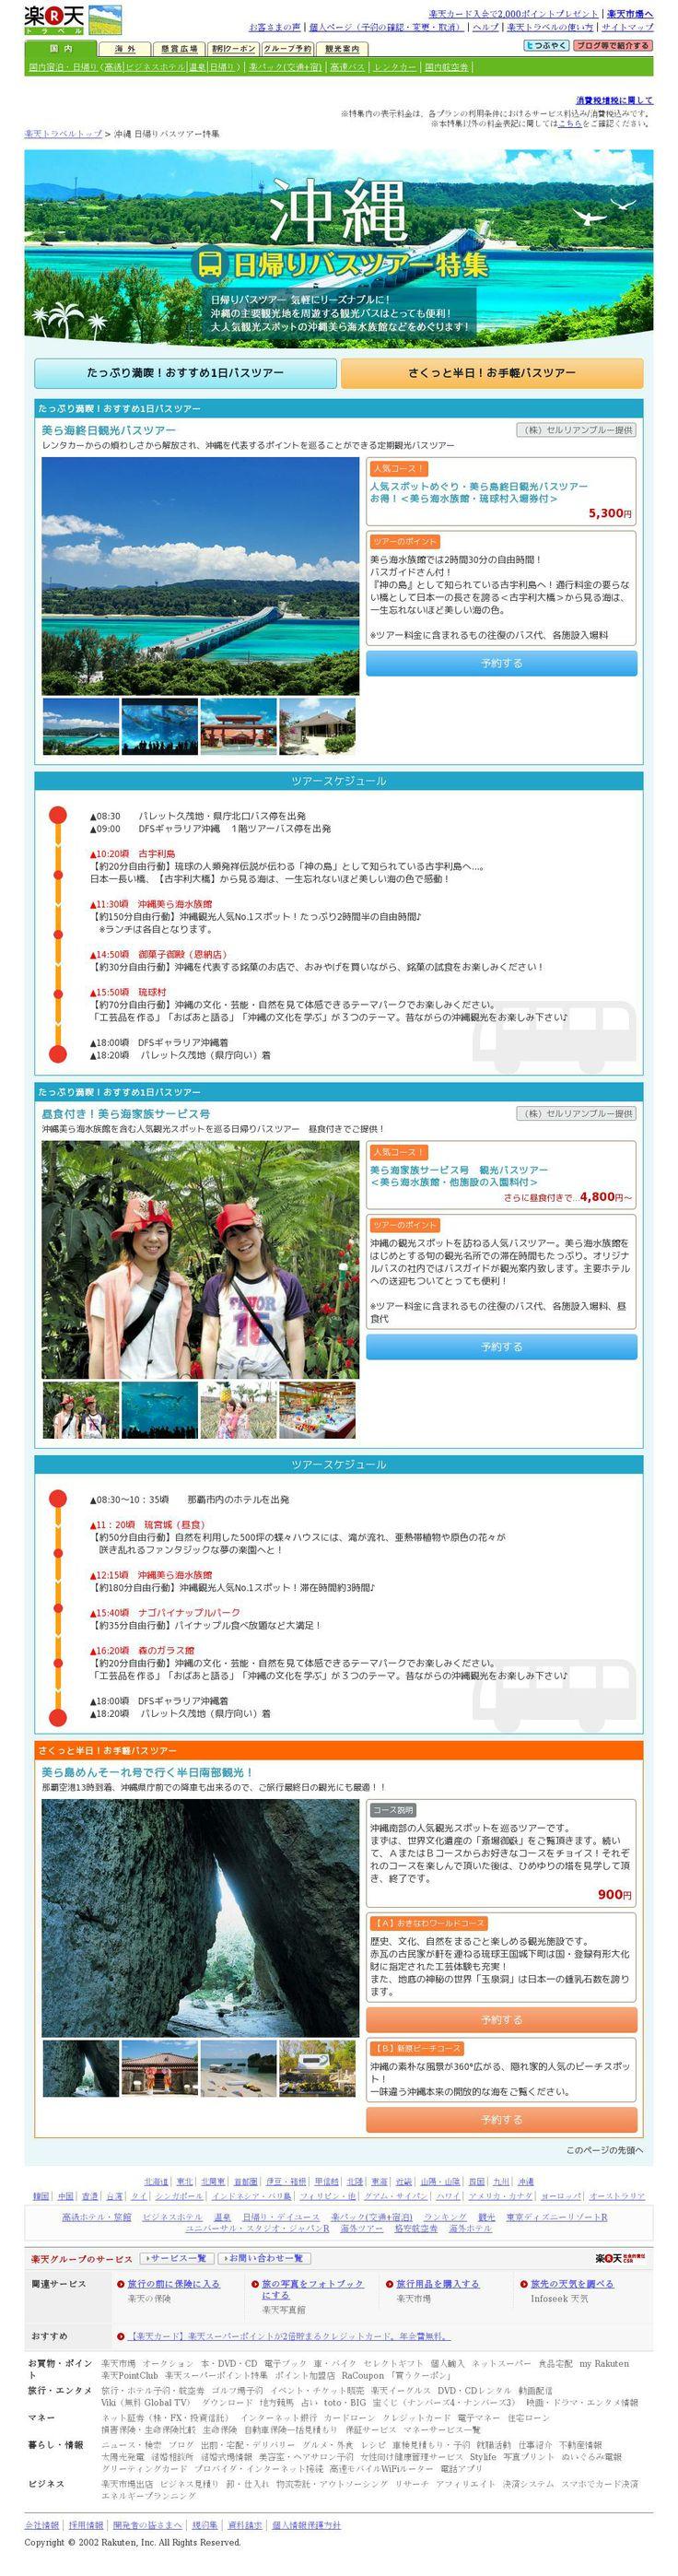 2014/5/14【D/C】【高速バス】【沖縄観光ページ】SMAPページ作成依頼